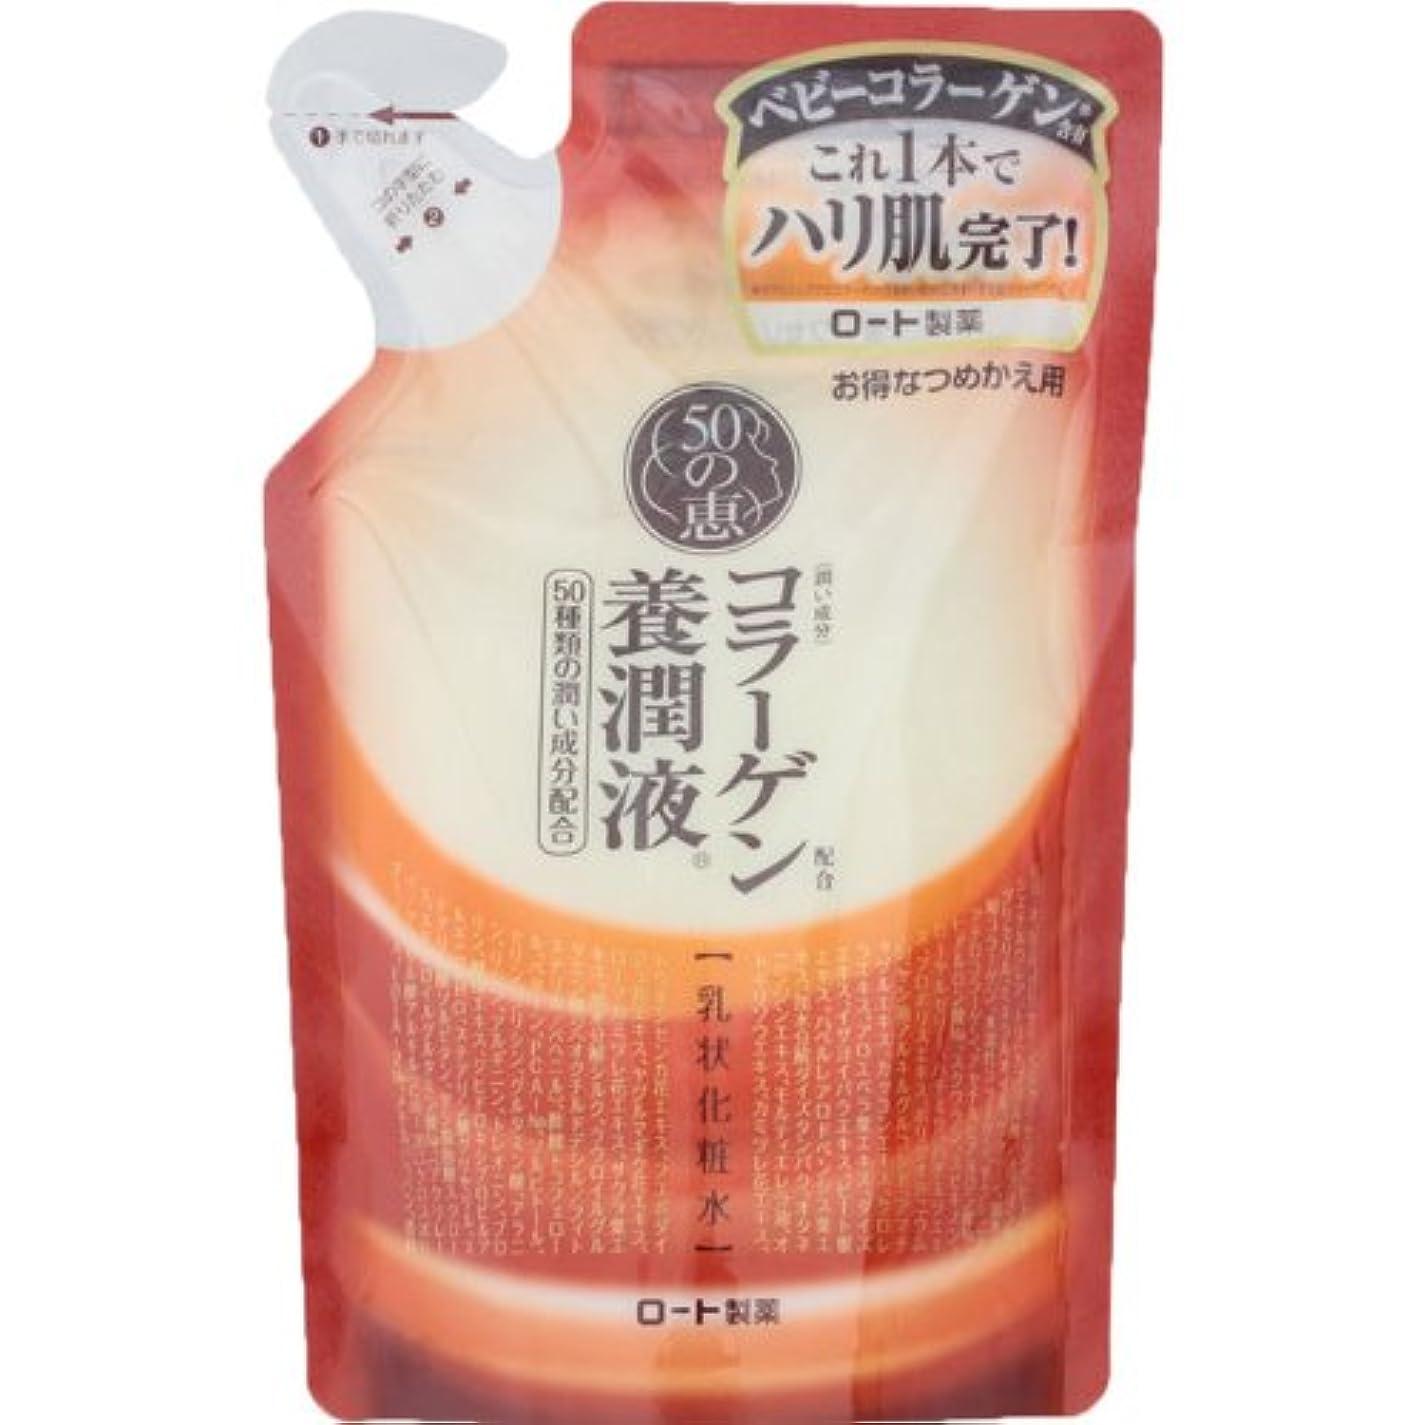 ロート製薬 50の恵エイジングケア 養潤成分50種類配合 養潤液 オールインワン 詰替用 200mL